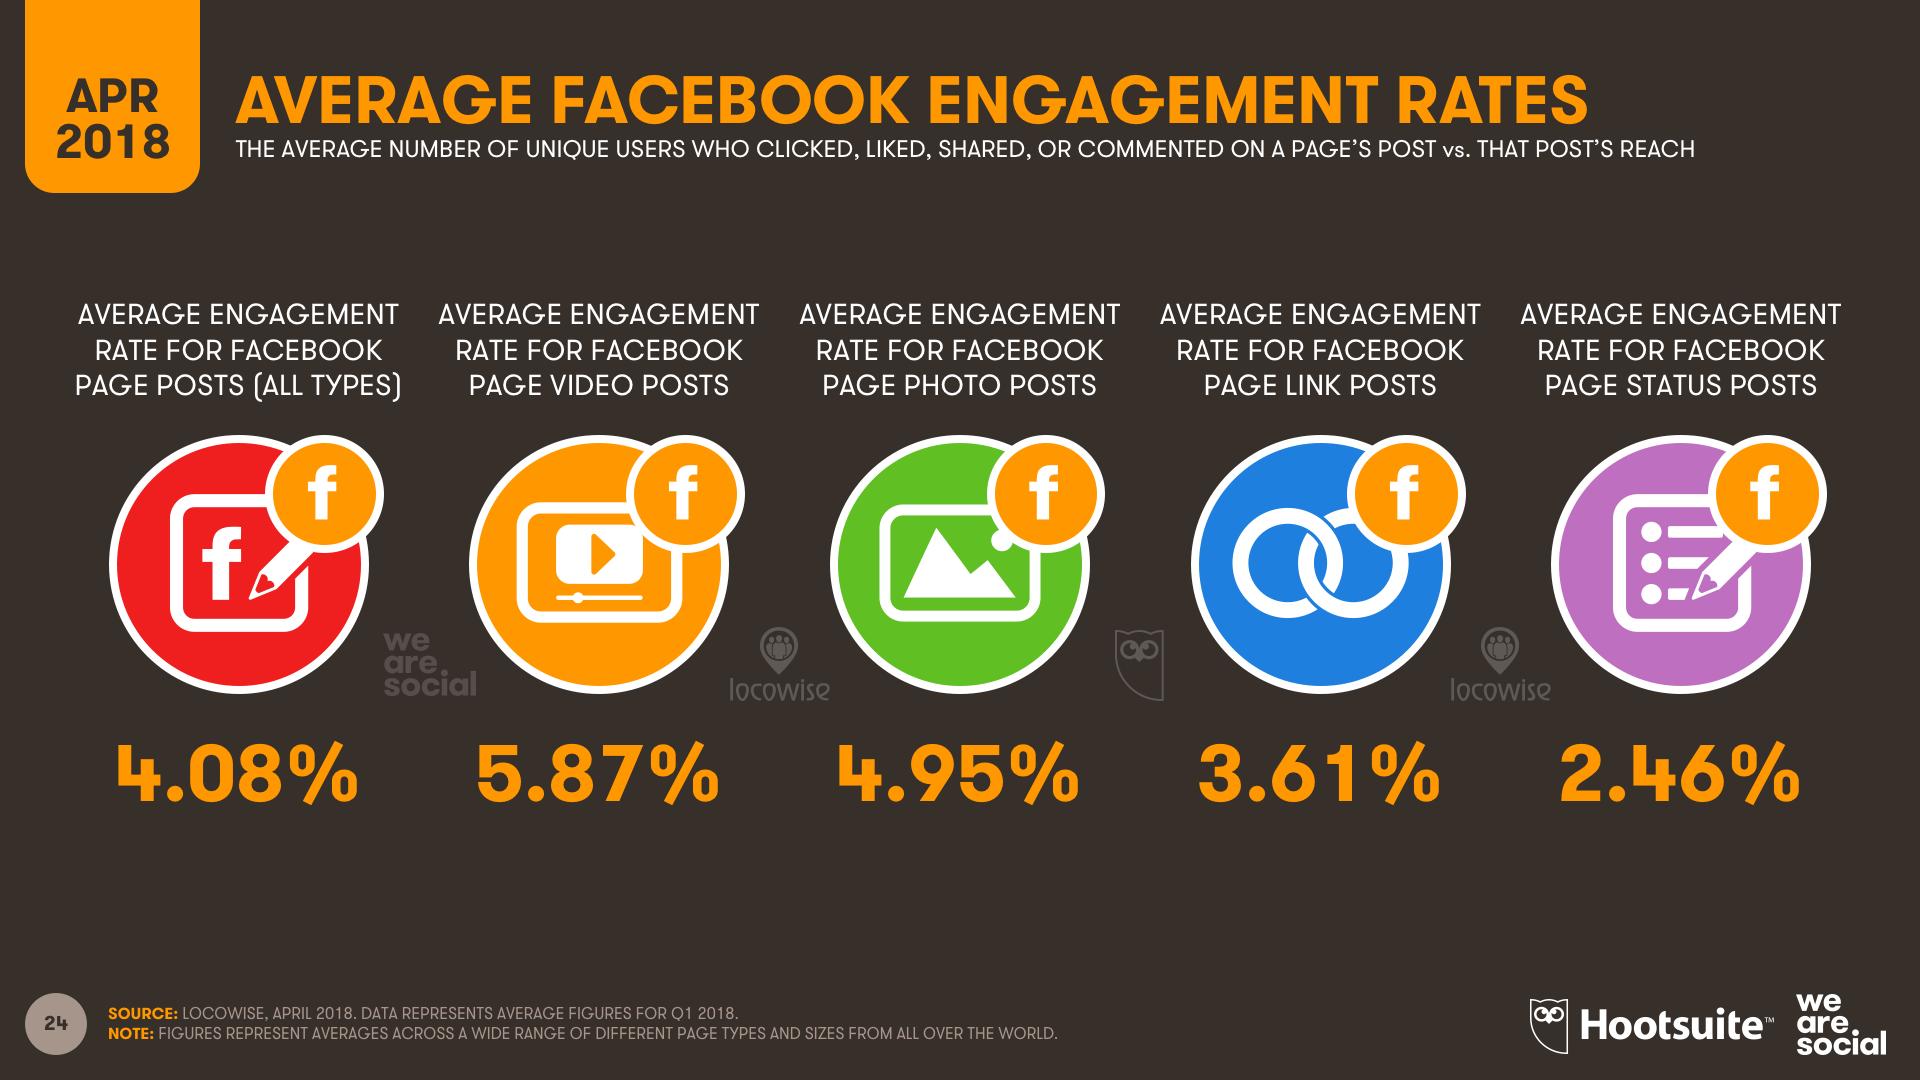 Average Facebook Engagement Rates, Q1 2018